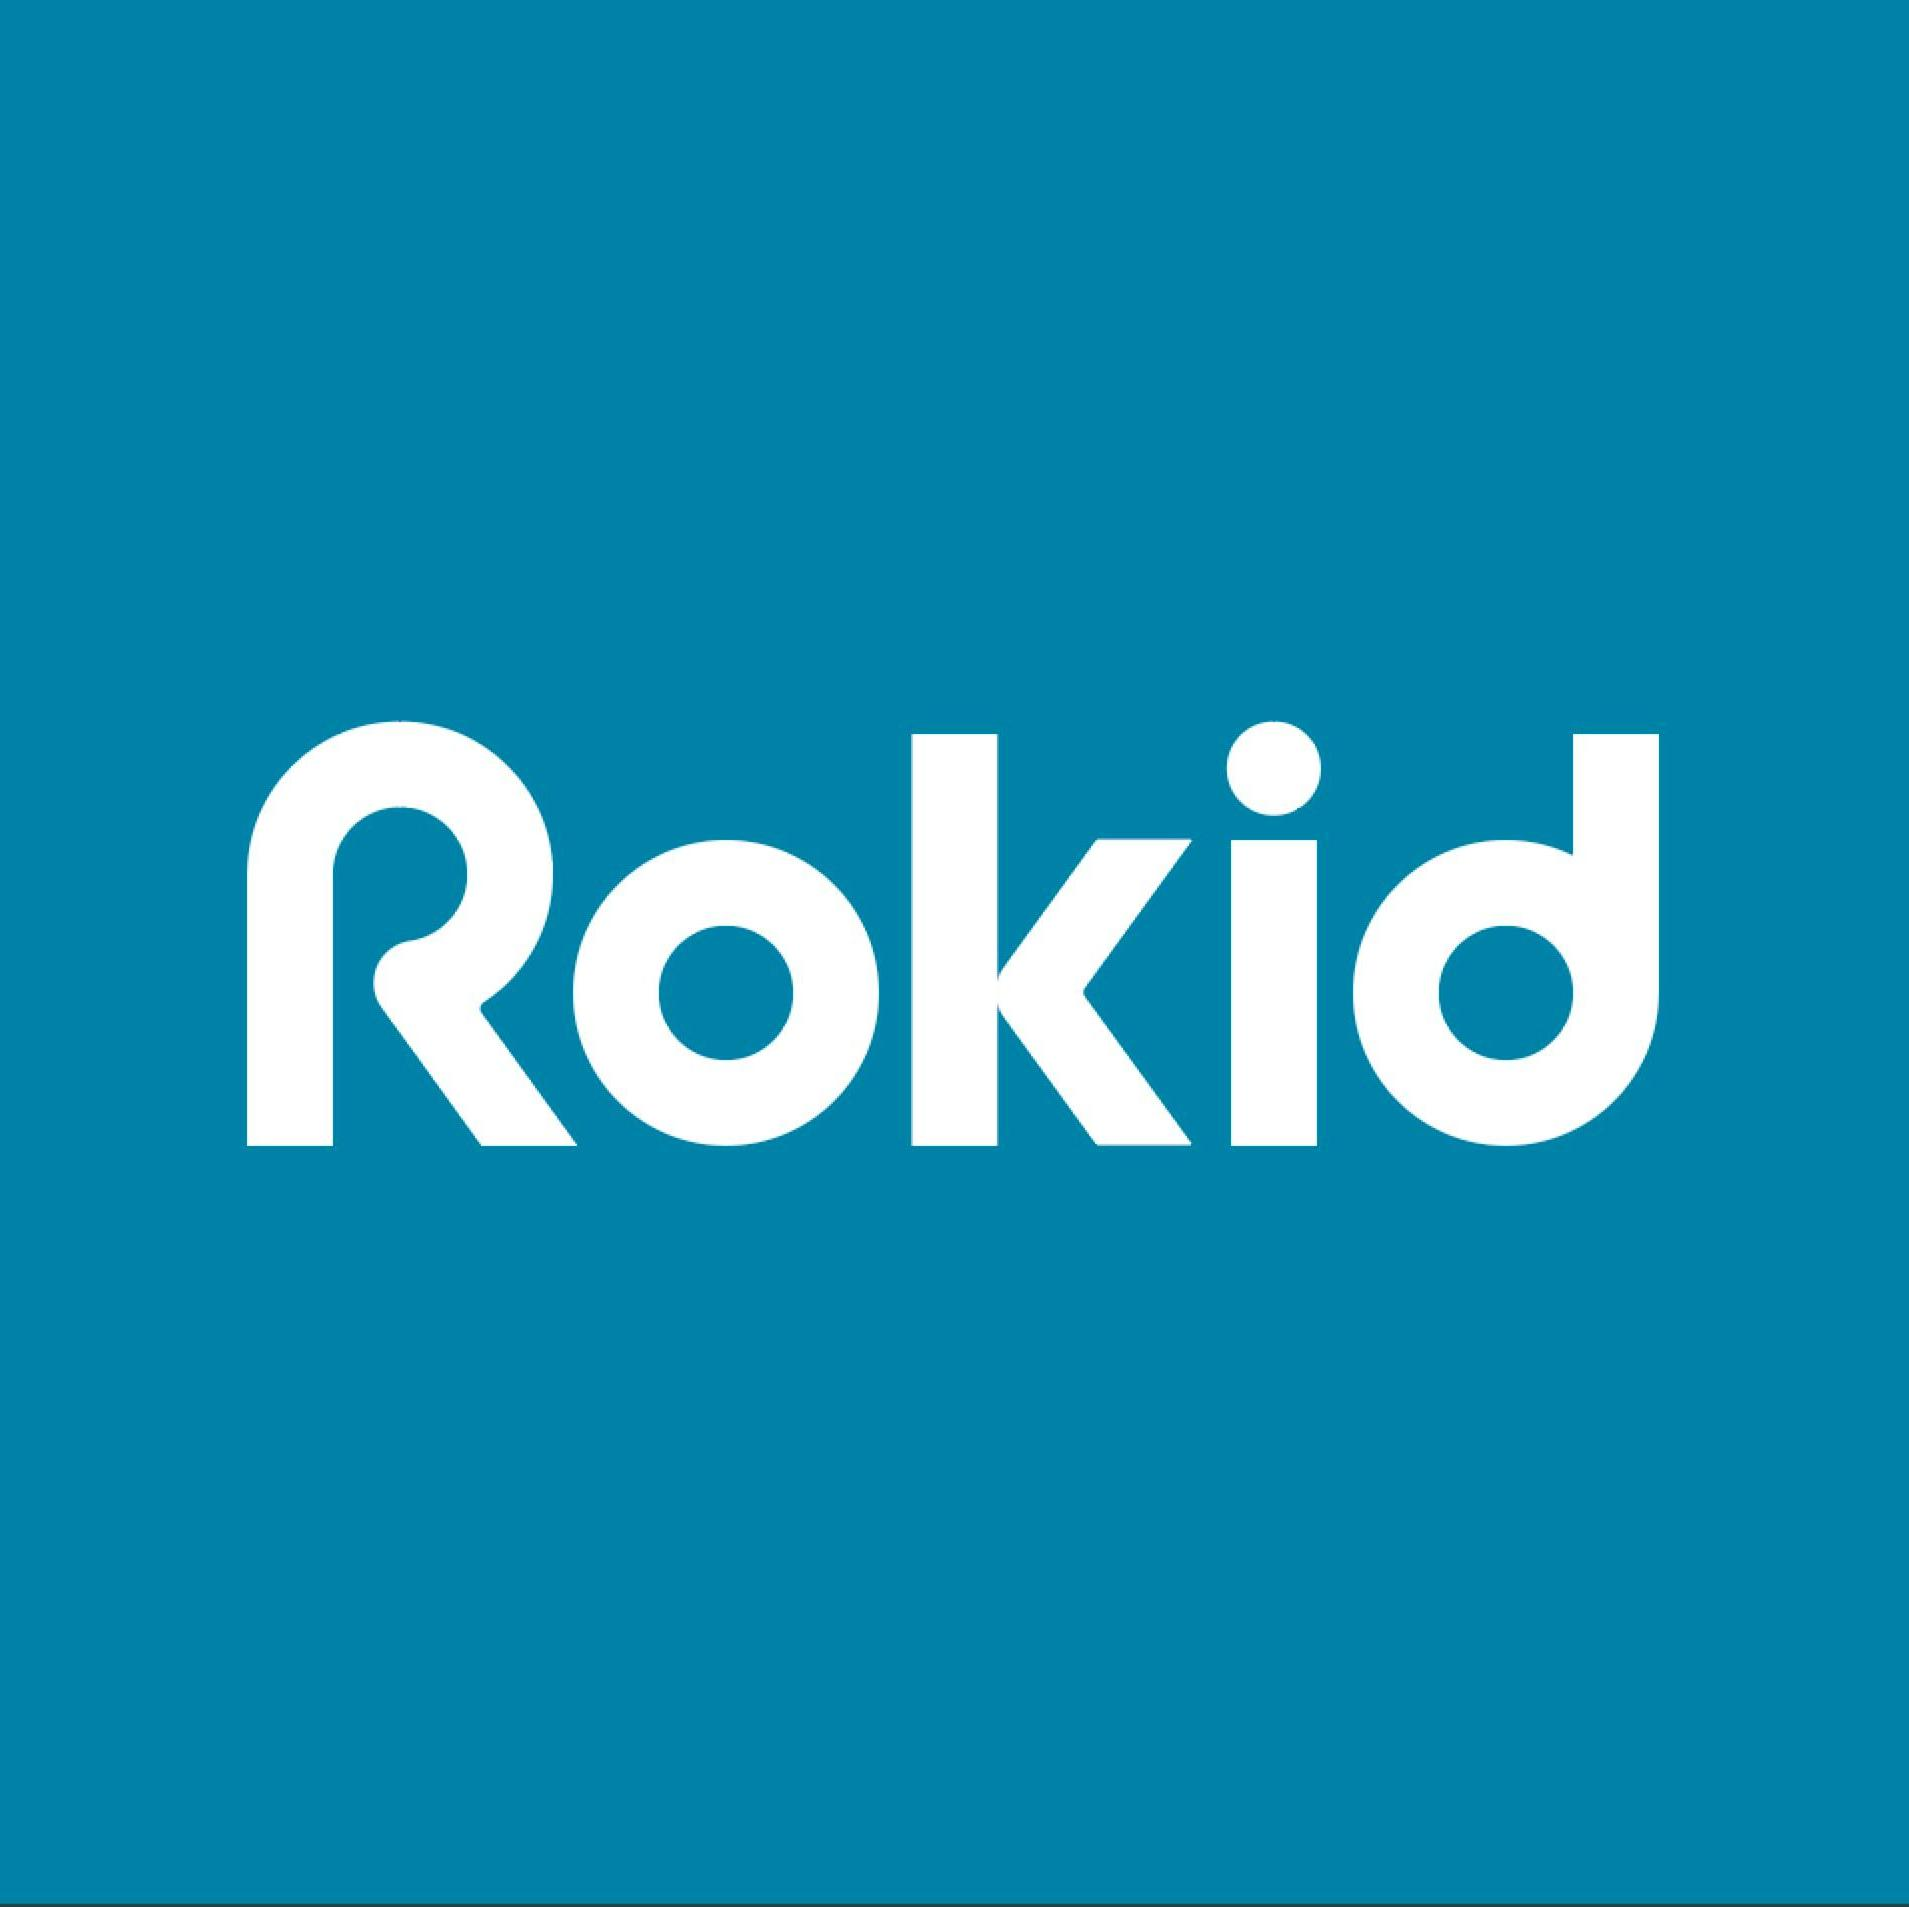 海南招人上什么网站+Rokid